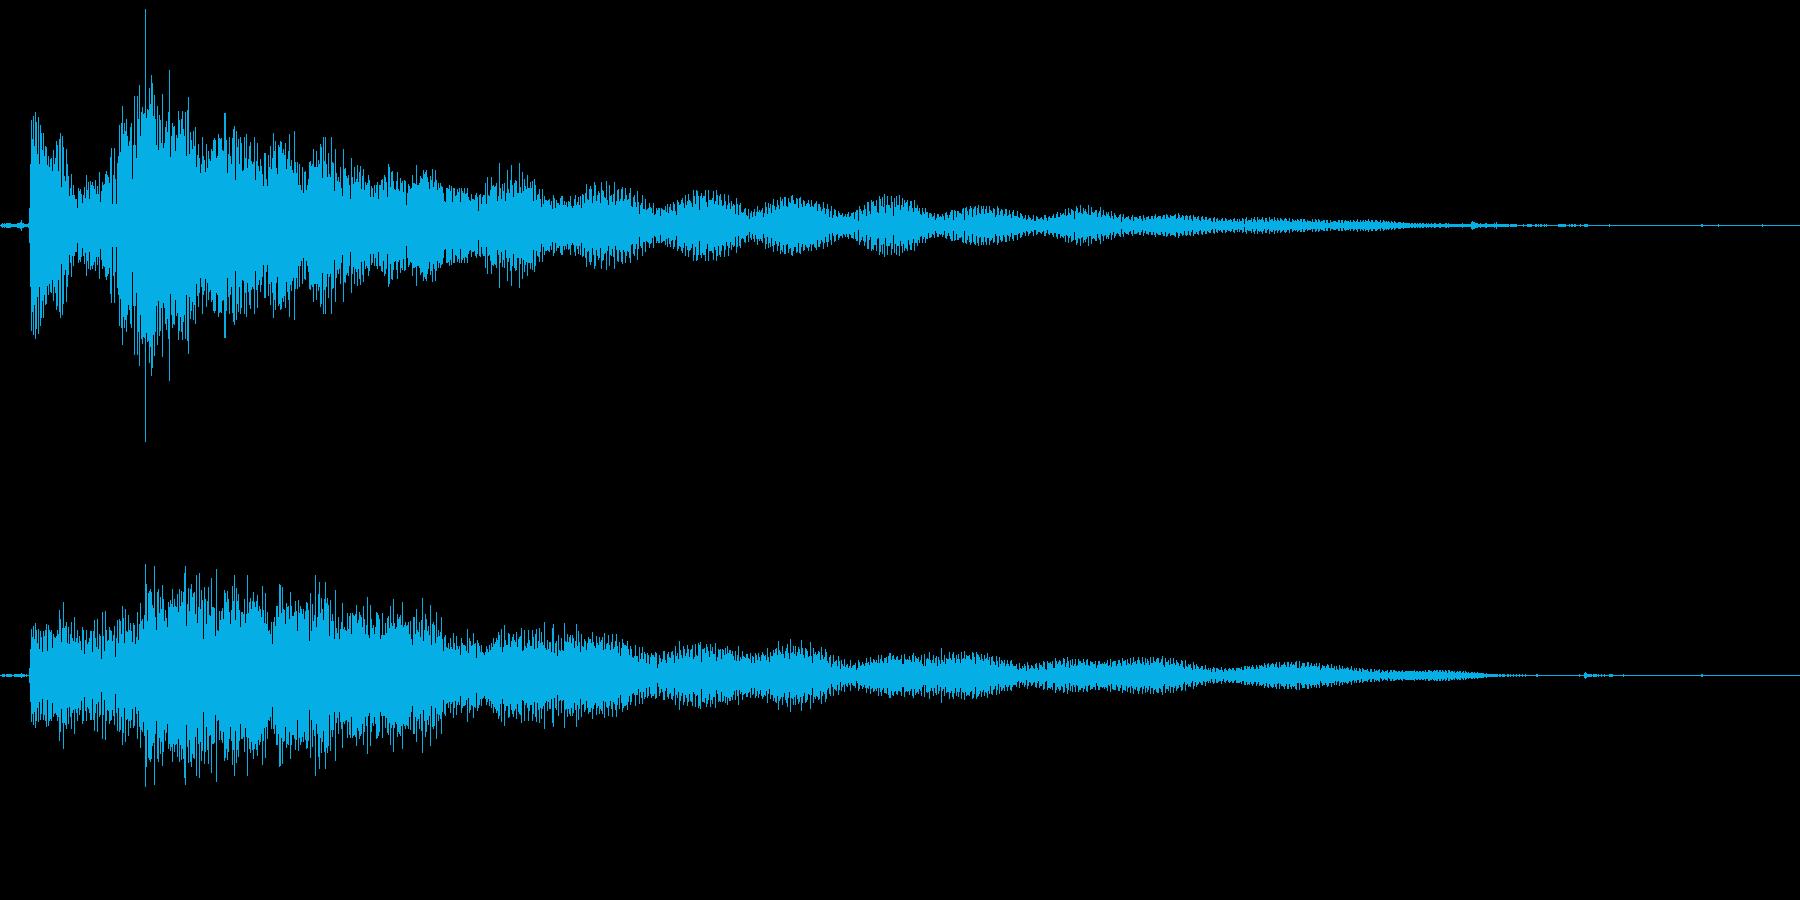 謎めいた場面転換音の再生済みの波形